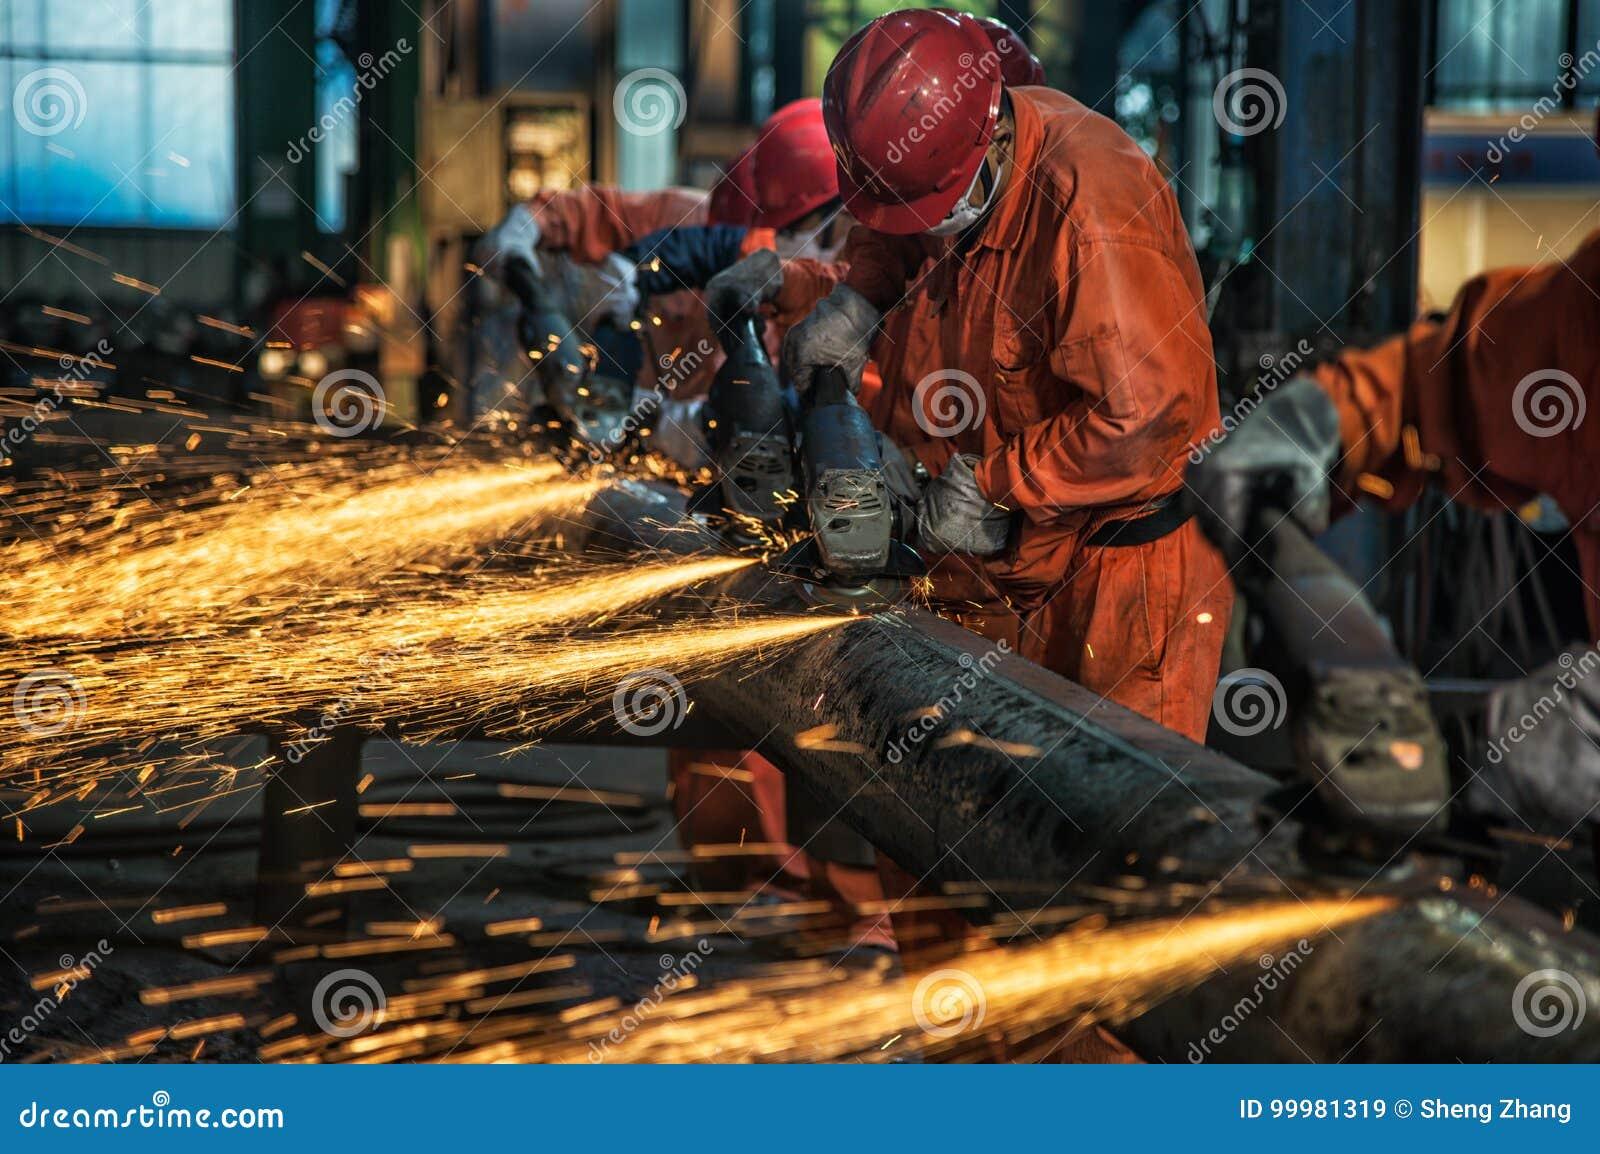 钢铁厂的工作者擦亮钢